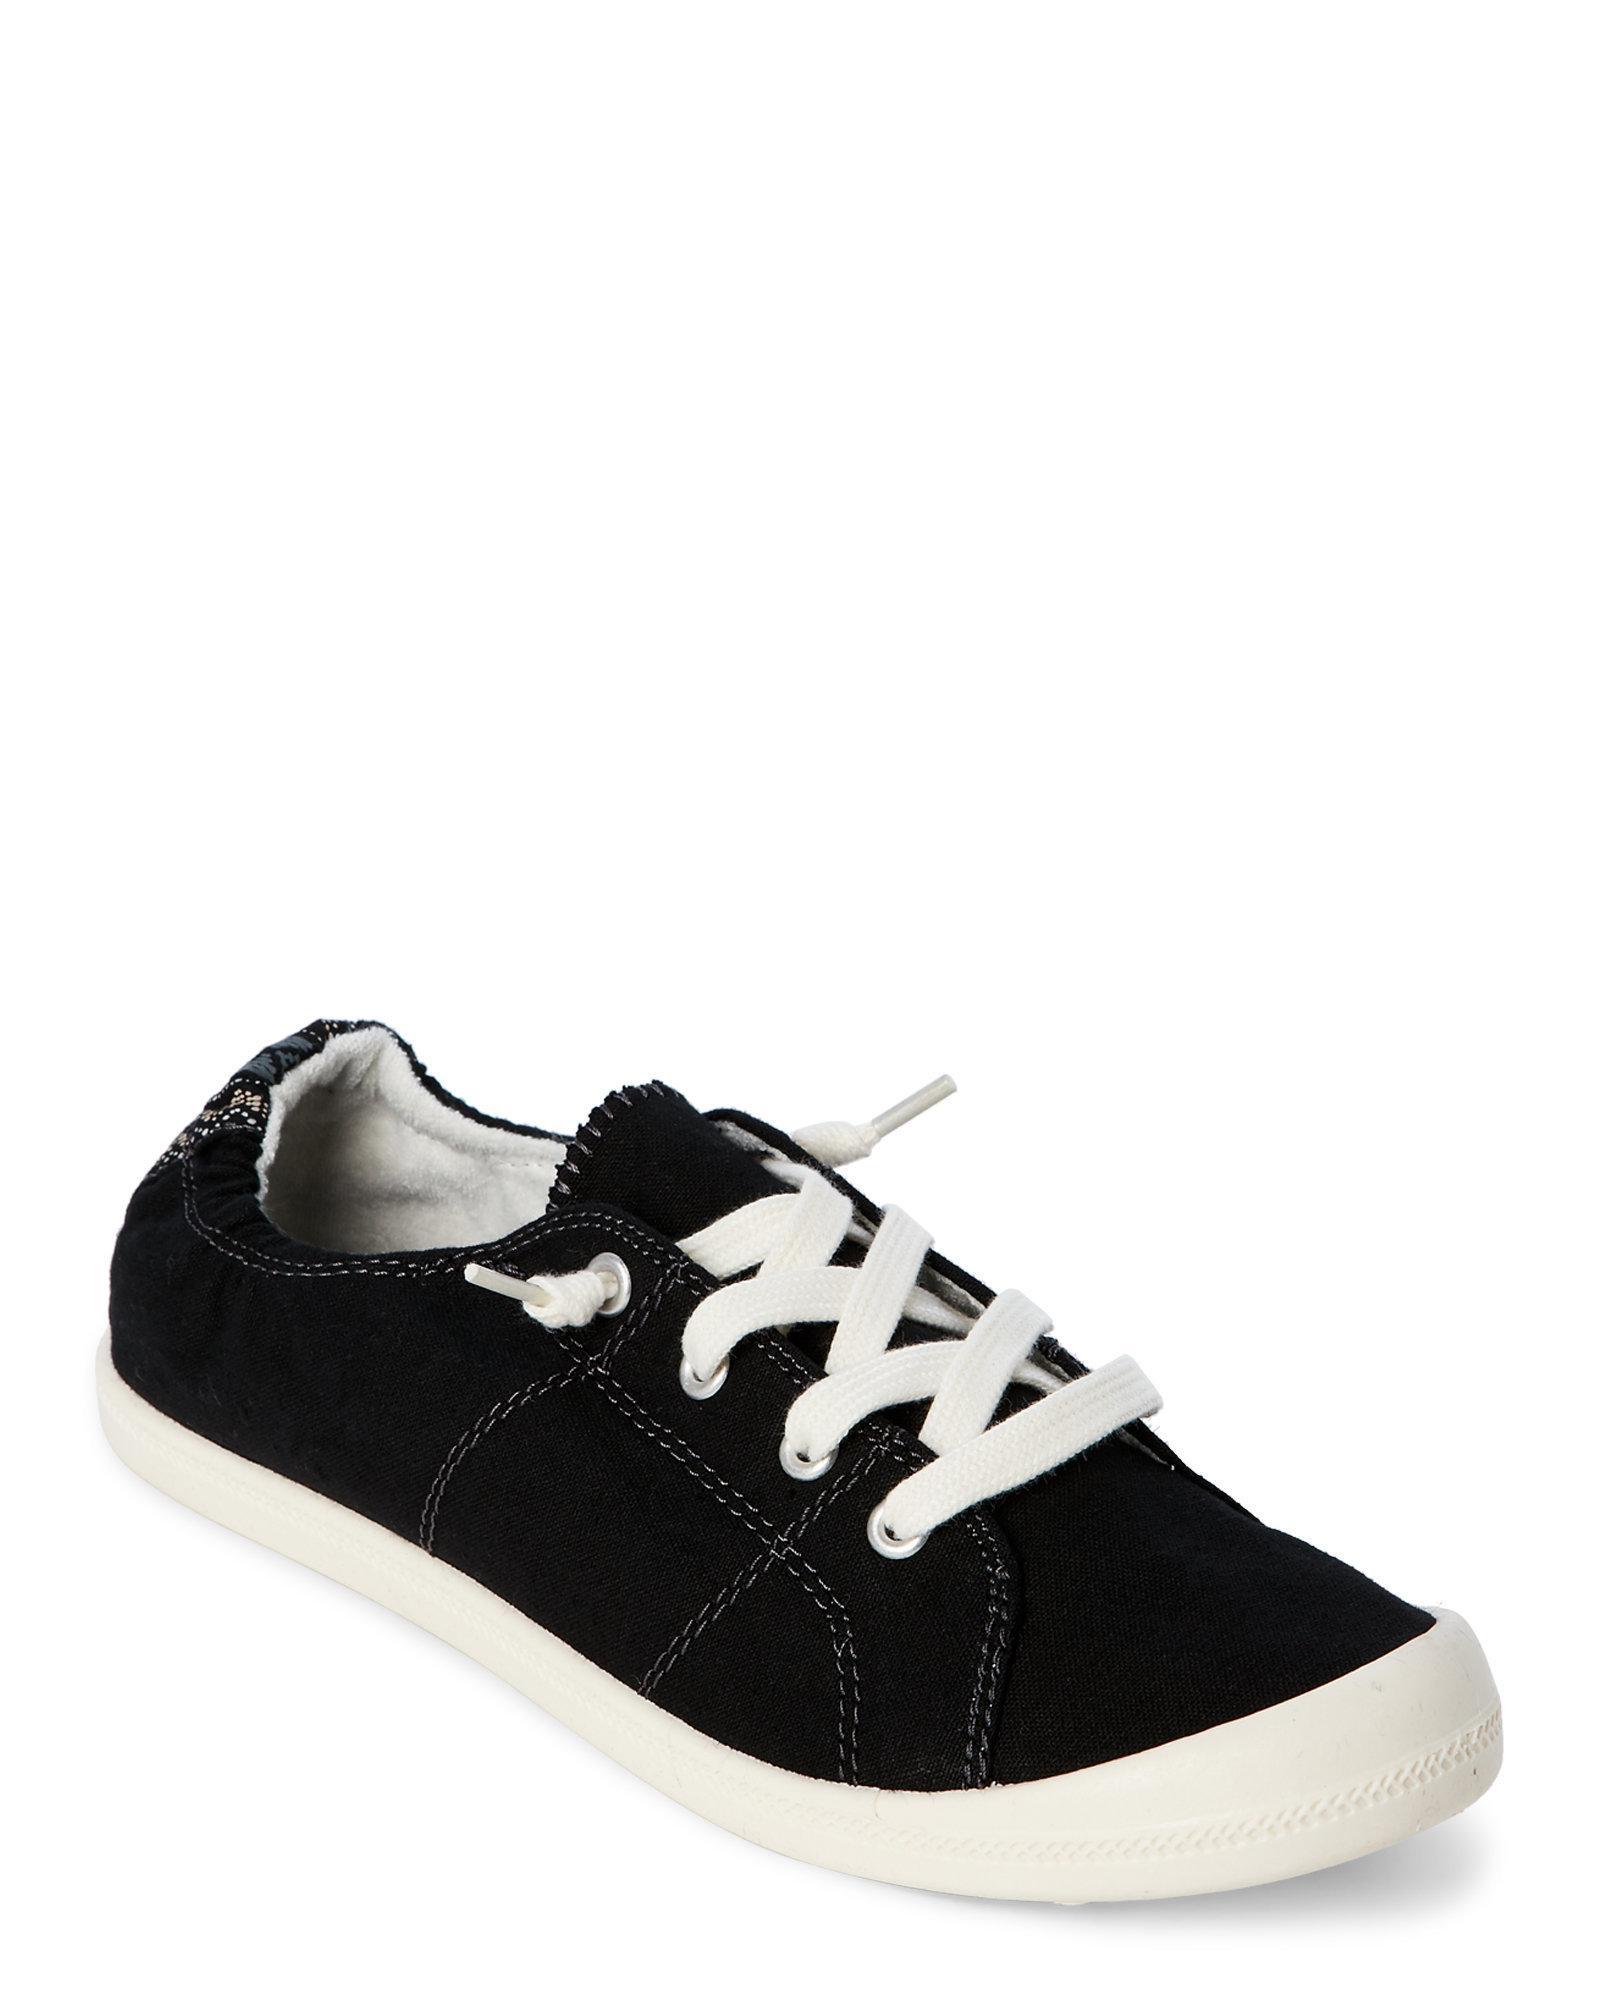 b498d6dc641 Lyst - Madden Girl Black Bailey Slip-on Sneakers in Black for Men